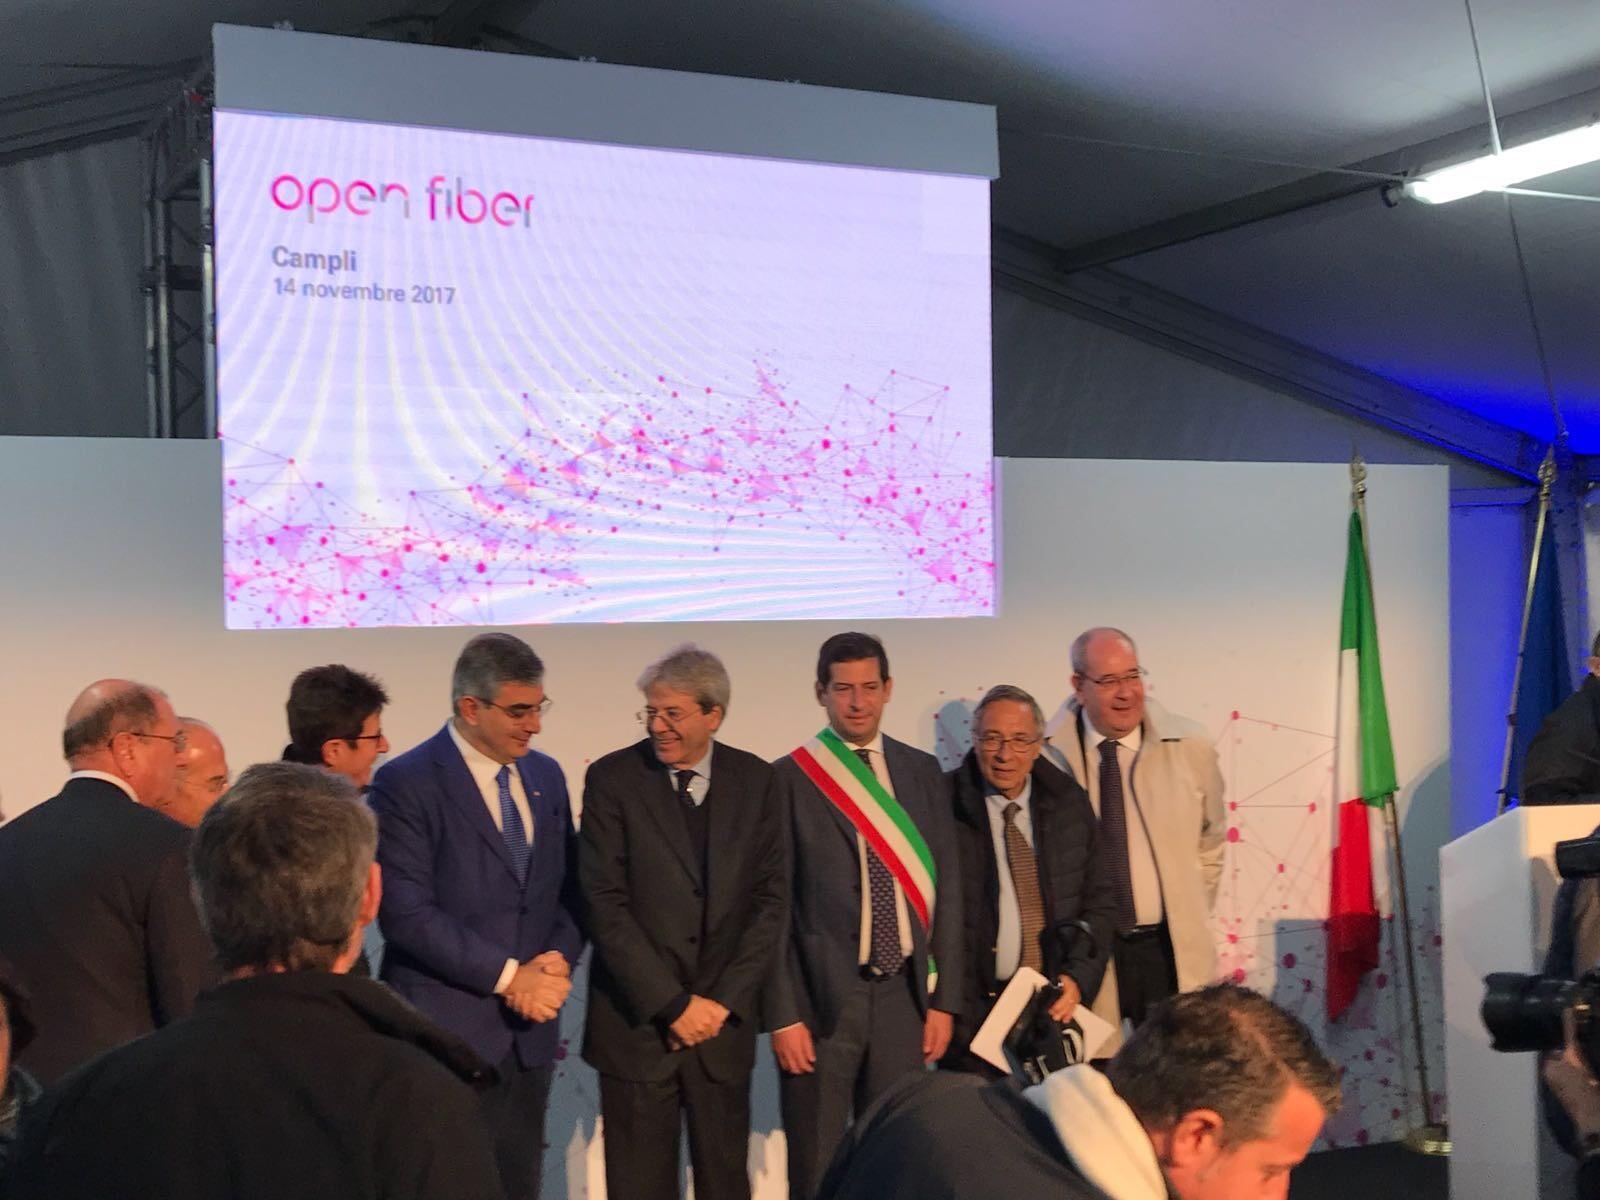 Taglio del nastro banda larga a Campli, Quaresimale chiede velocità al premier Gentiloni per le priorità del territorio